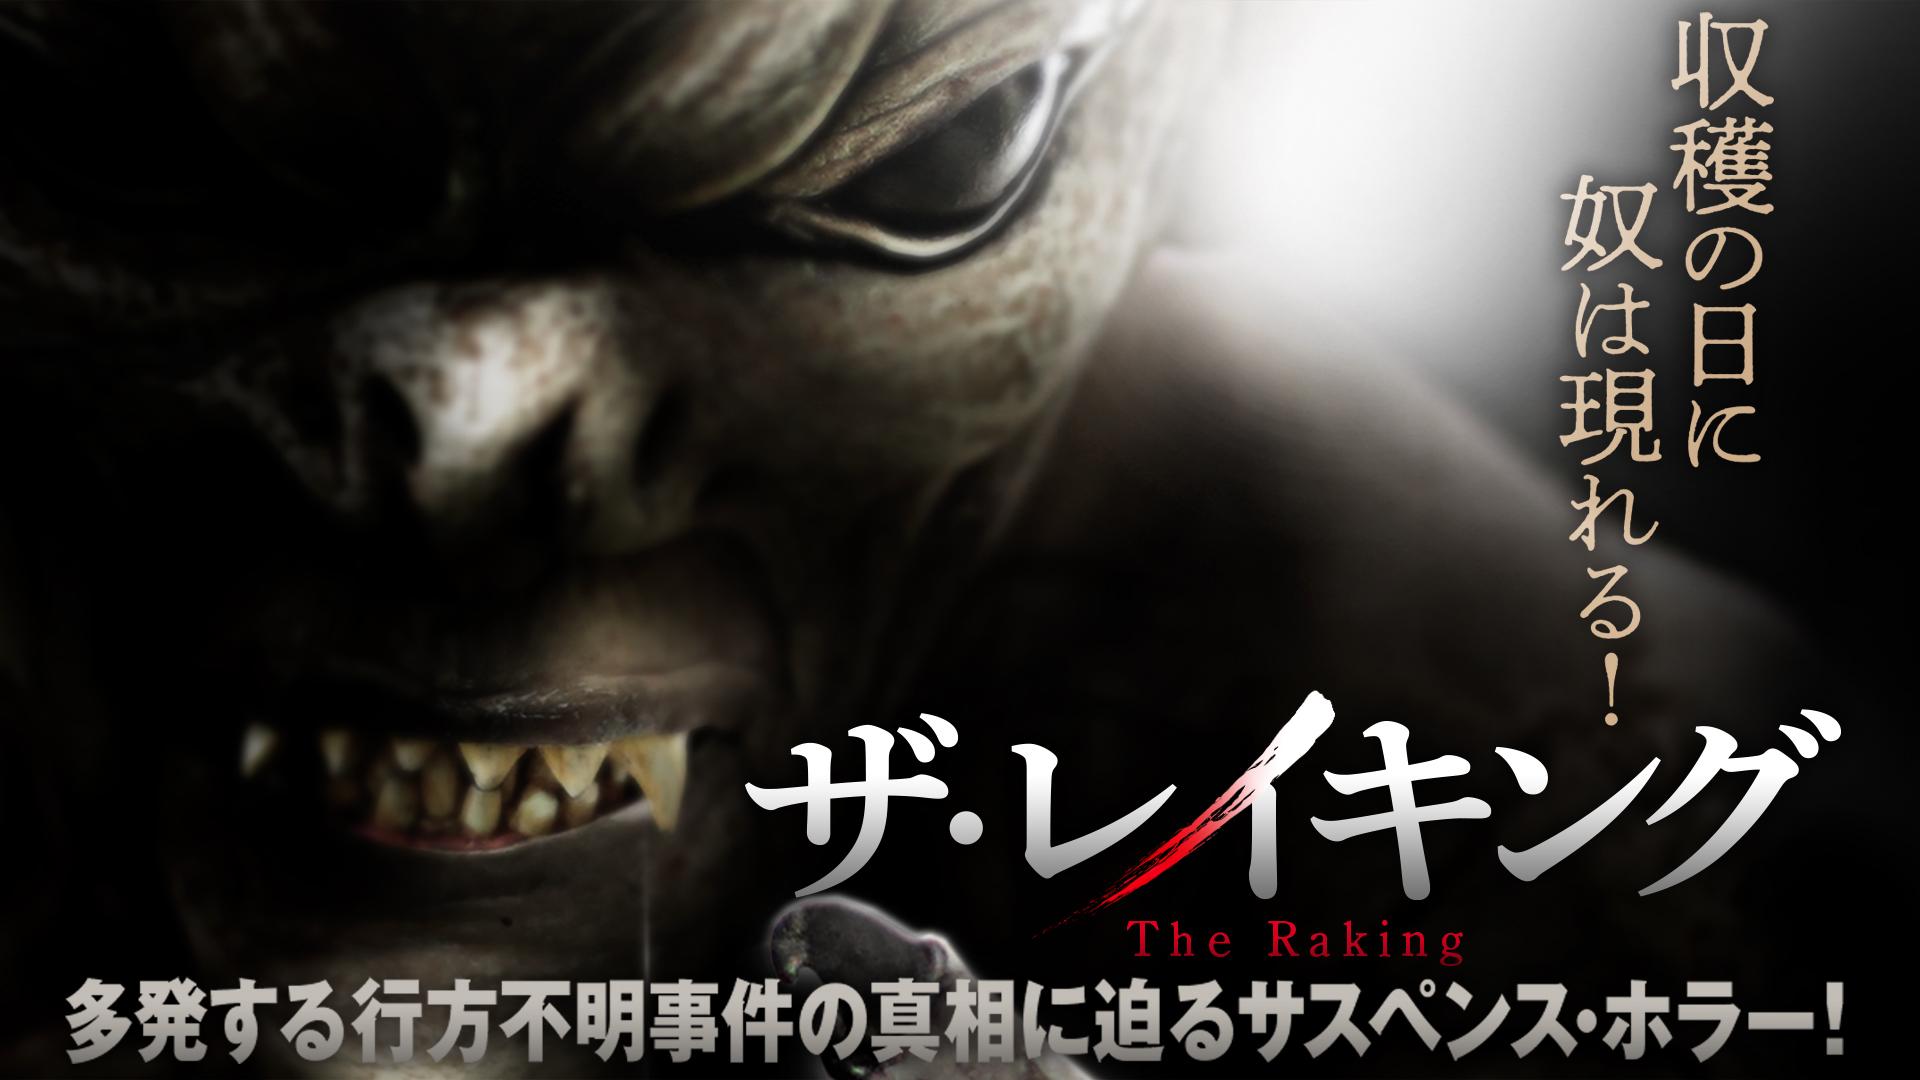 ザ・レイキング(字幕版)